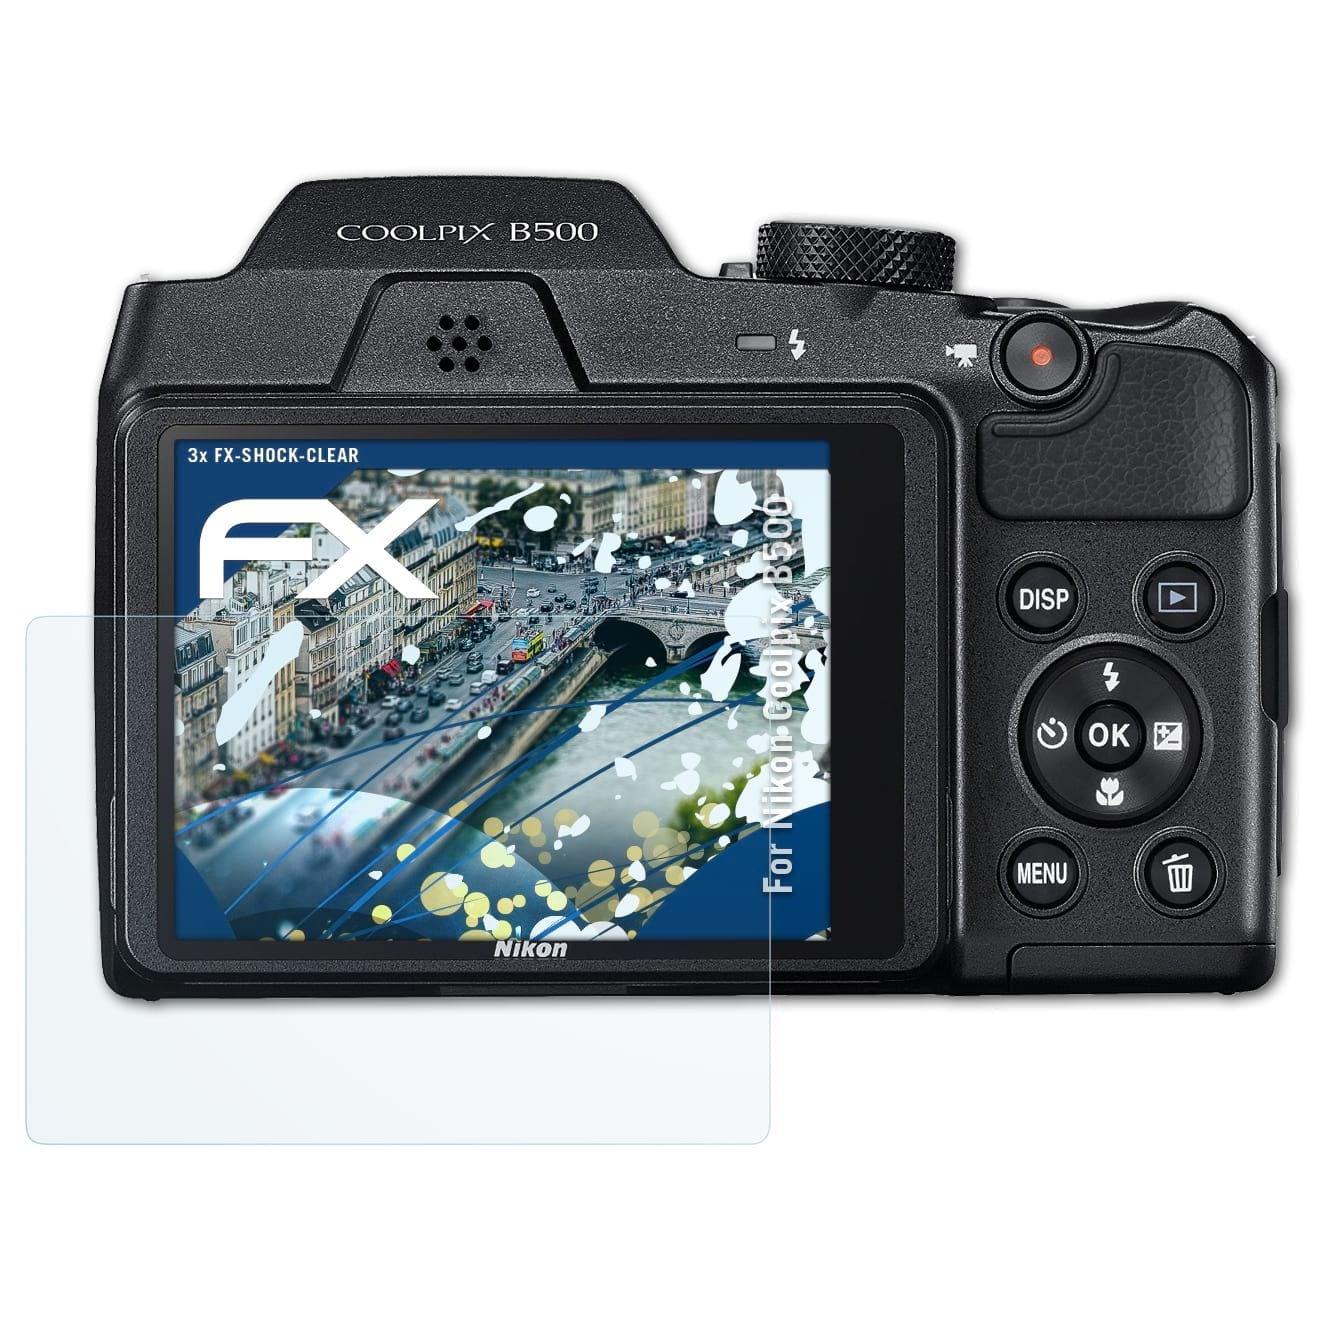 atFoliX Anti-Choc Film Protecteur Compatible avec Nikon Coolpix B500 Film Protecteur 3X Ultra Clair et Absorbant Les Chocs FX Protecteur d/écran